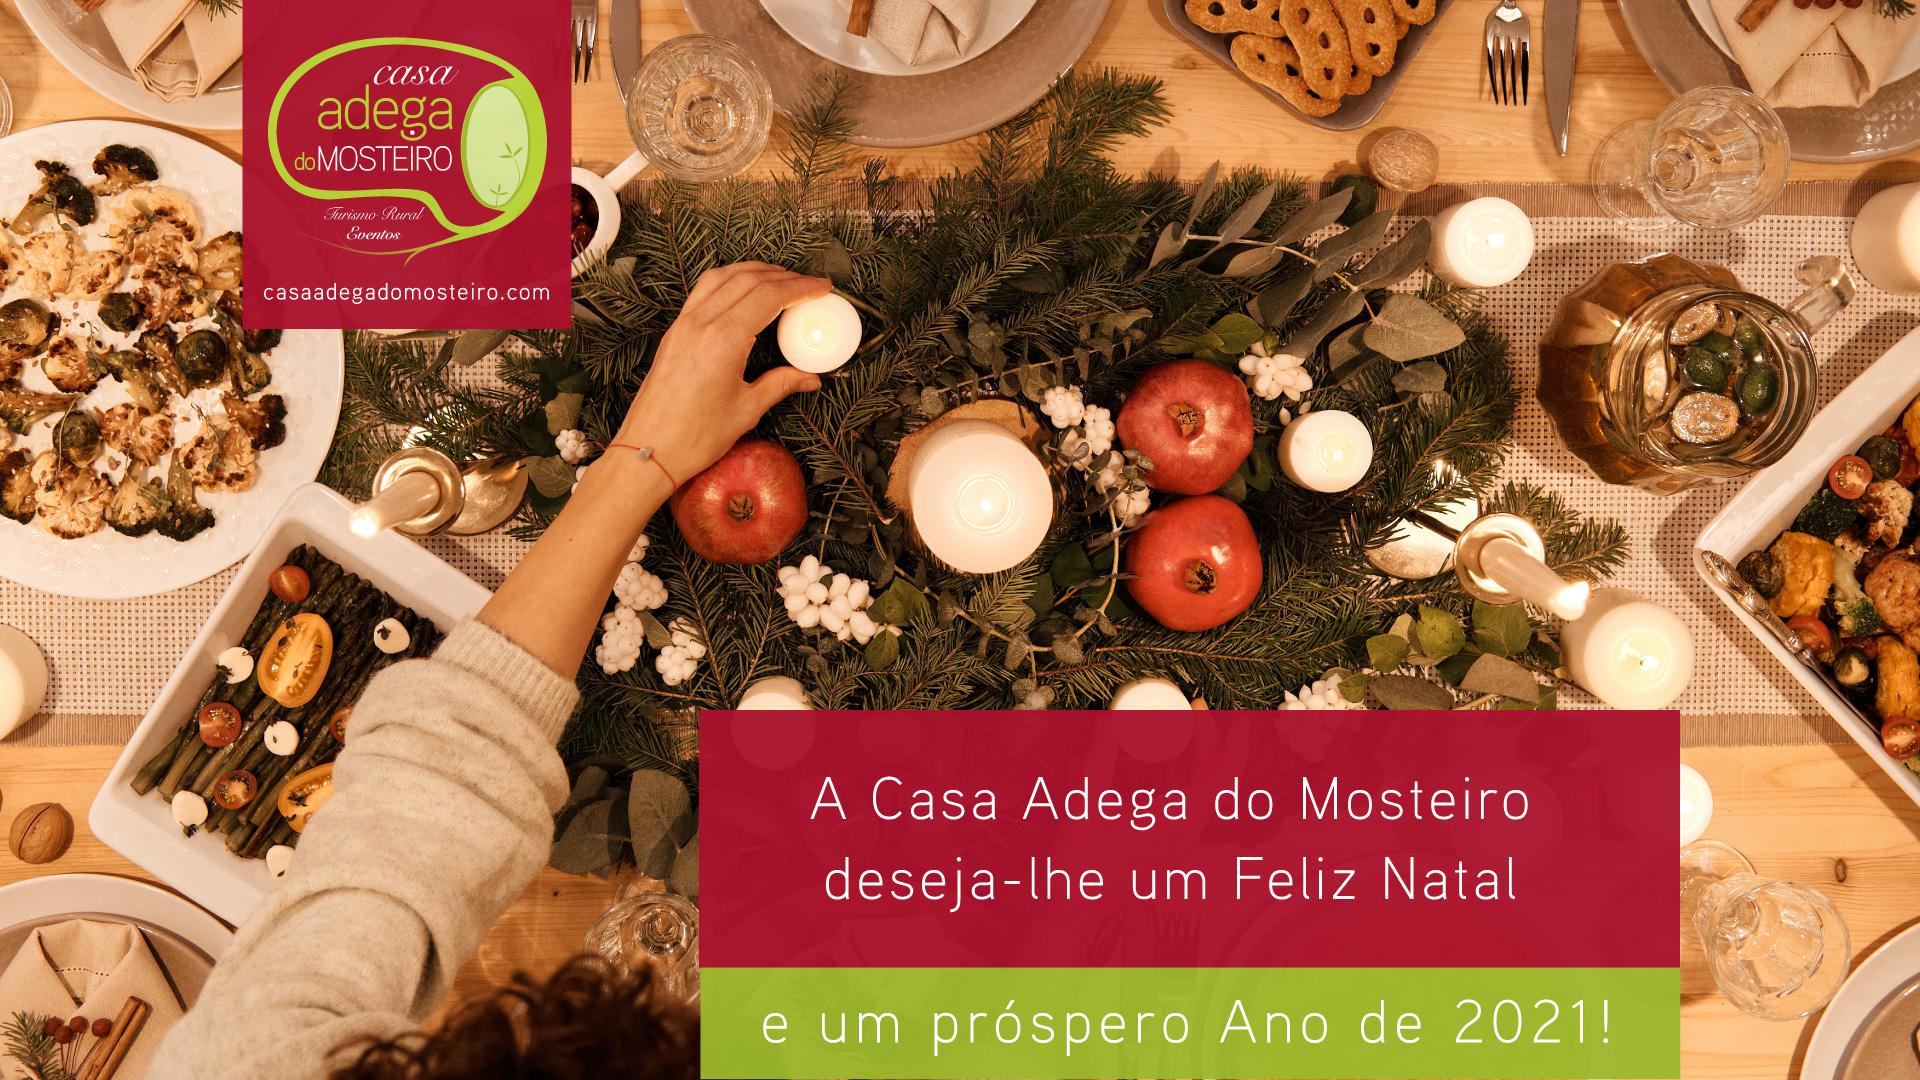 A Casa Adega do Mosteiro deseja a todos um Feliz Natal